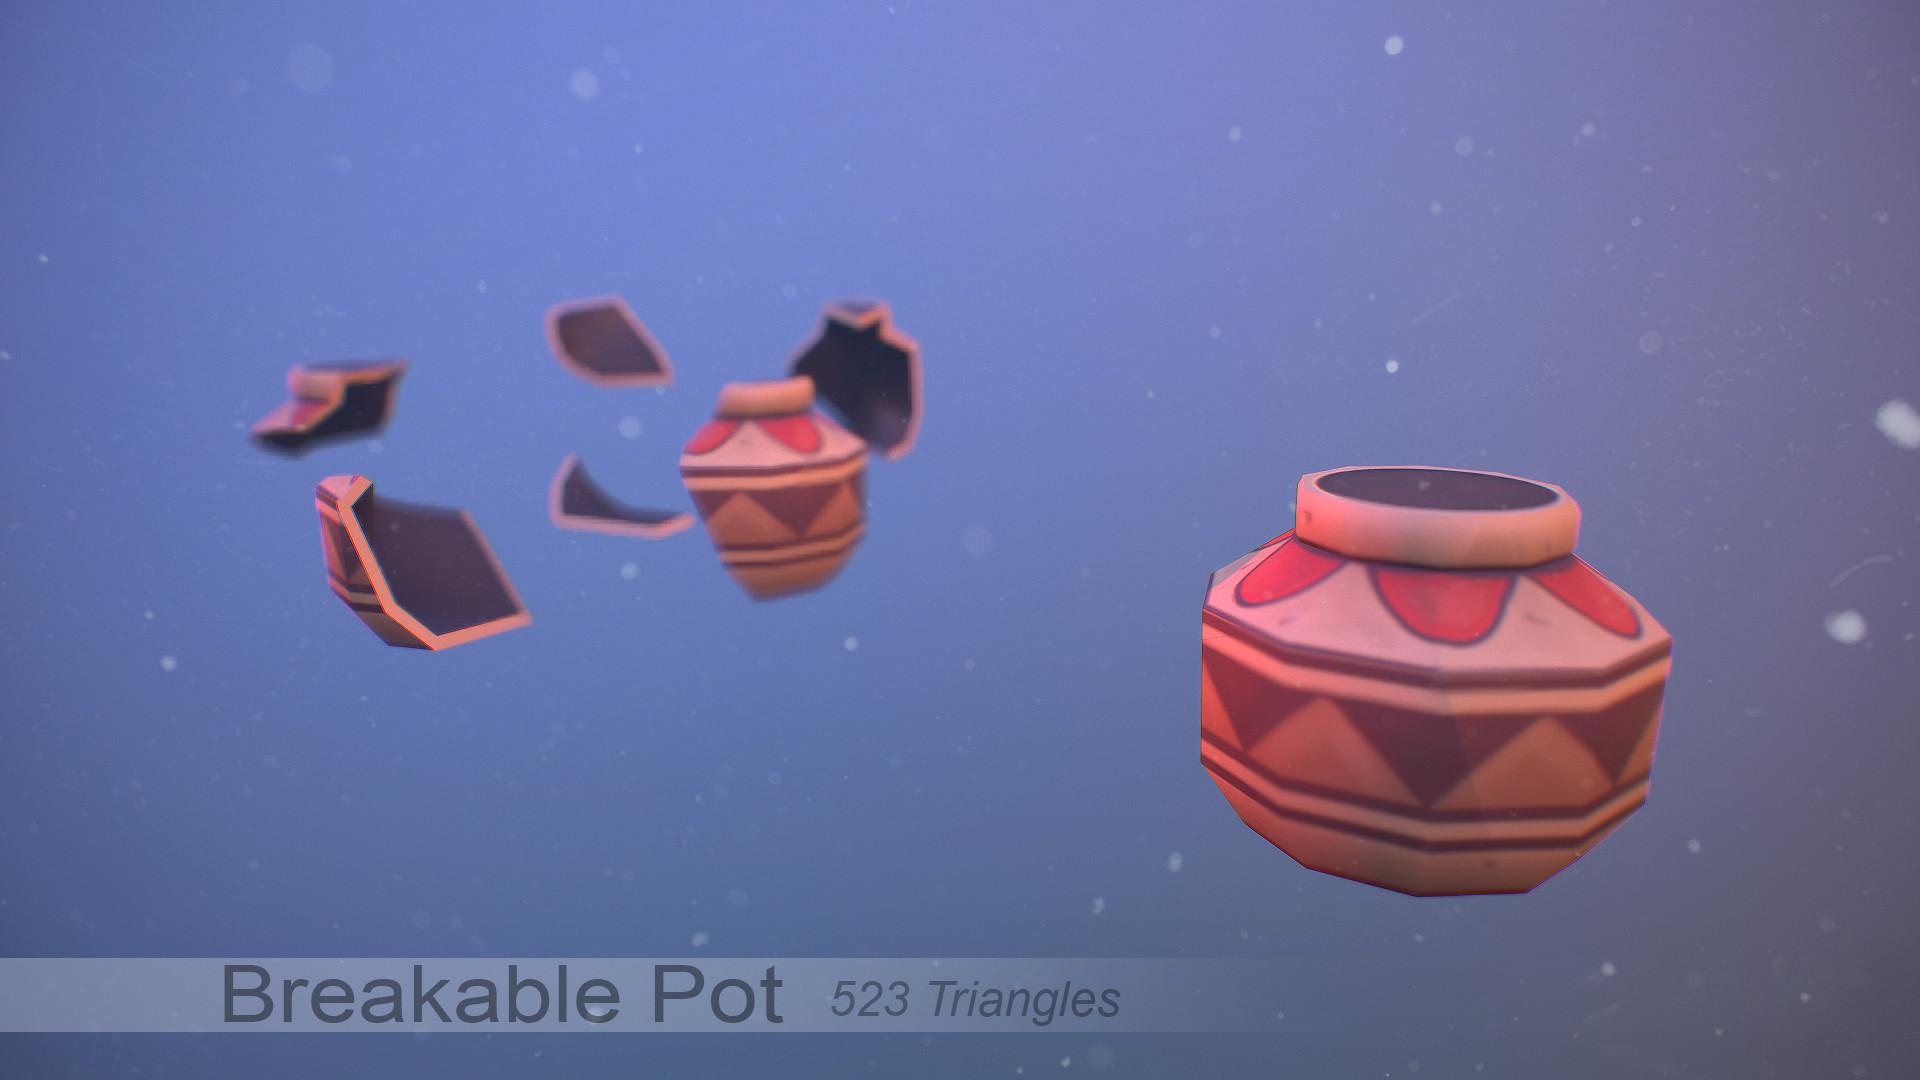 Denis matei breakable pot